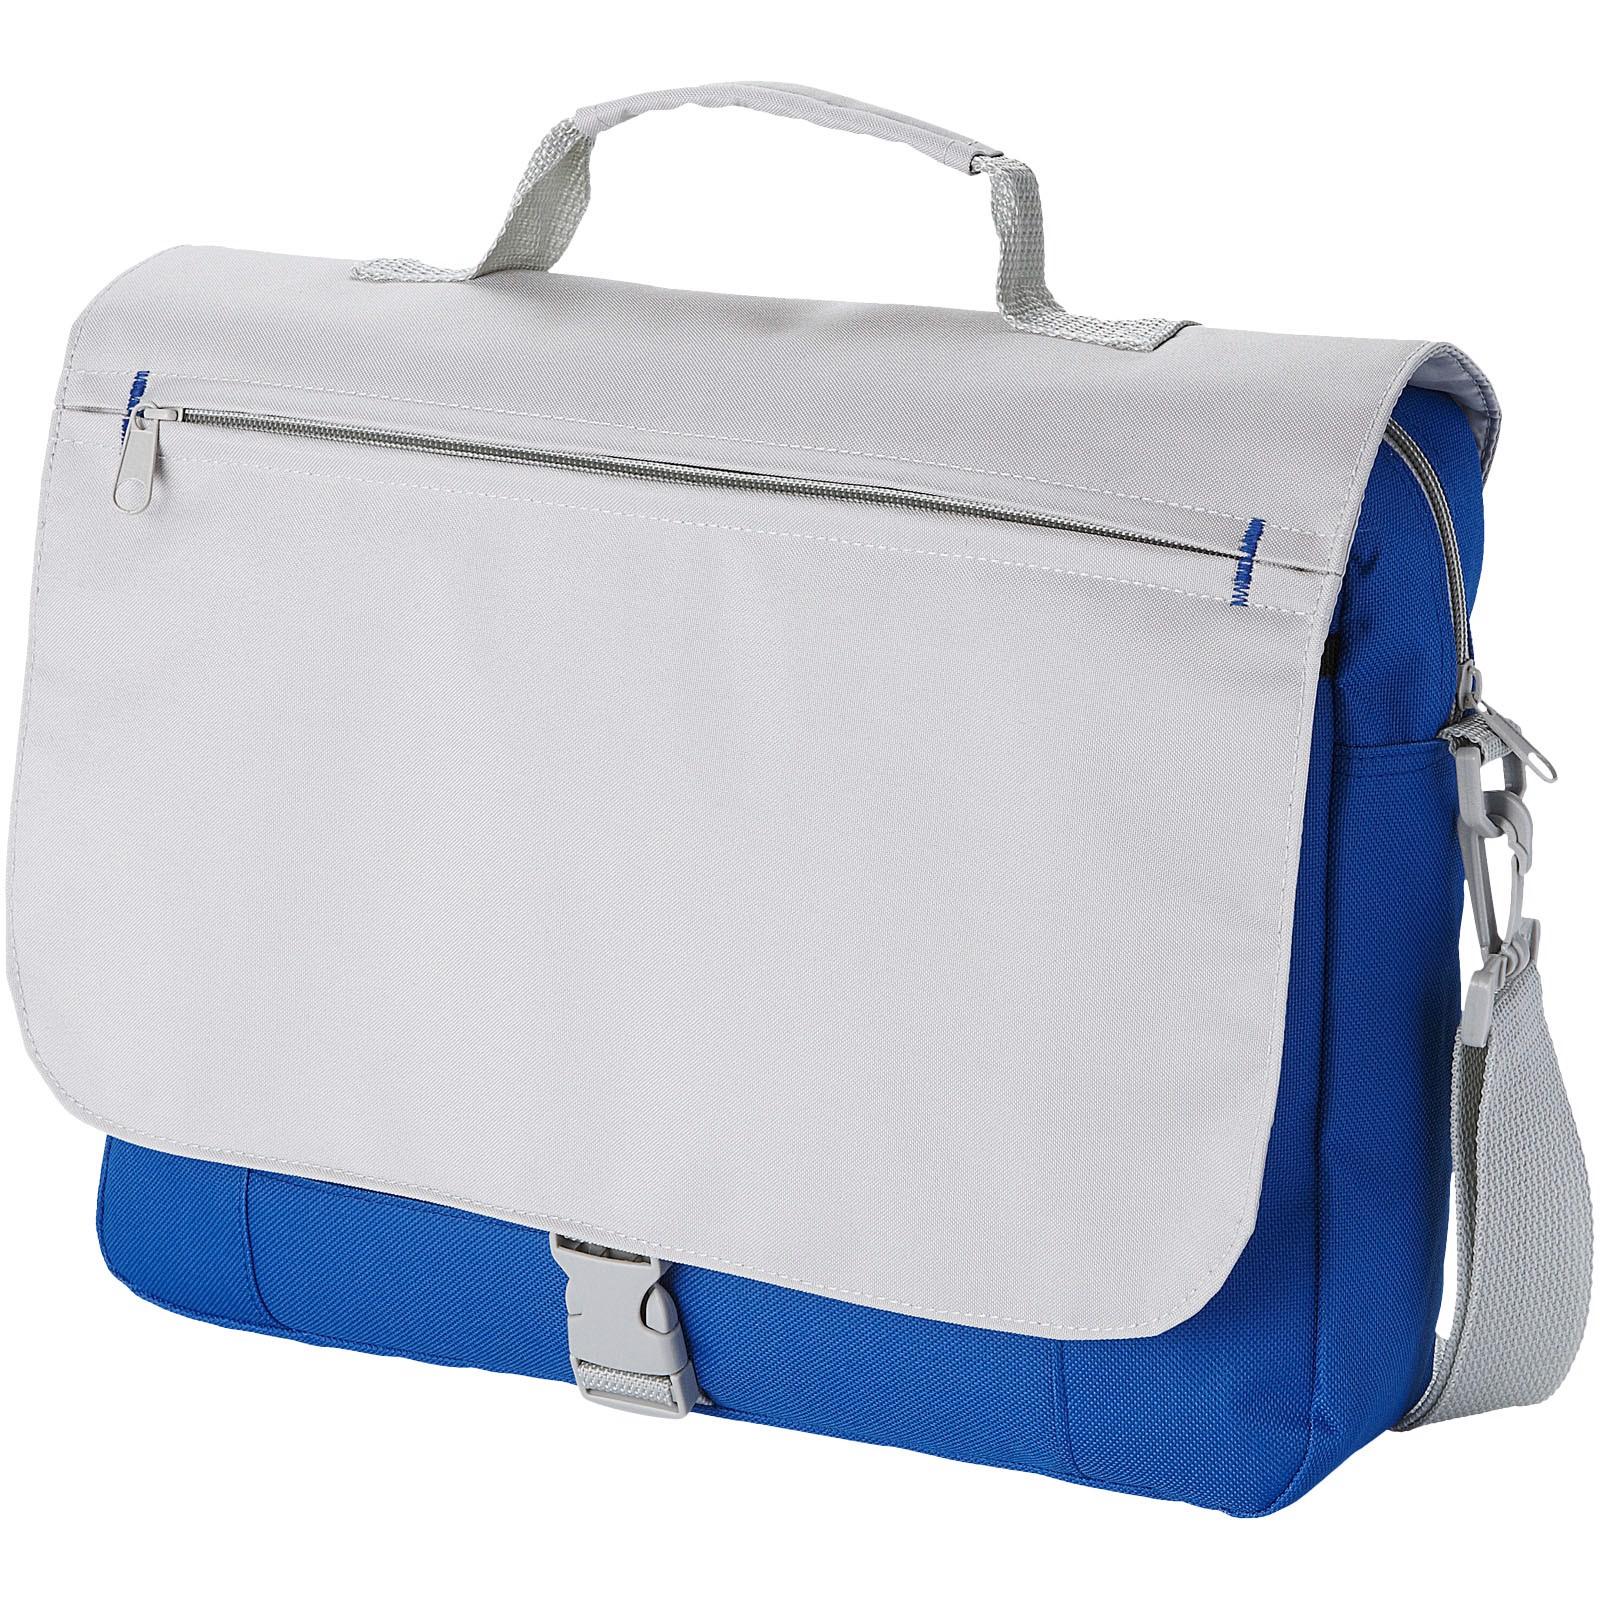 Konferenční taška Pittsburgh - Světle modrá / Větle šedá